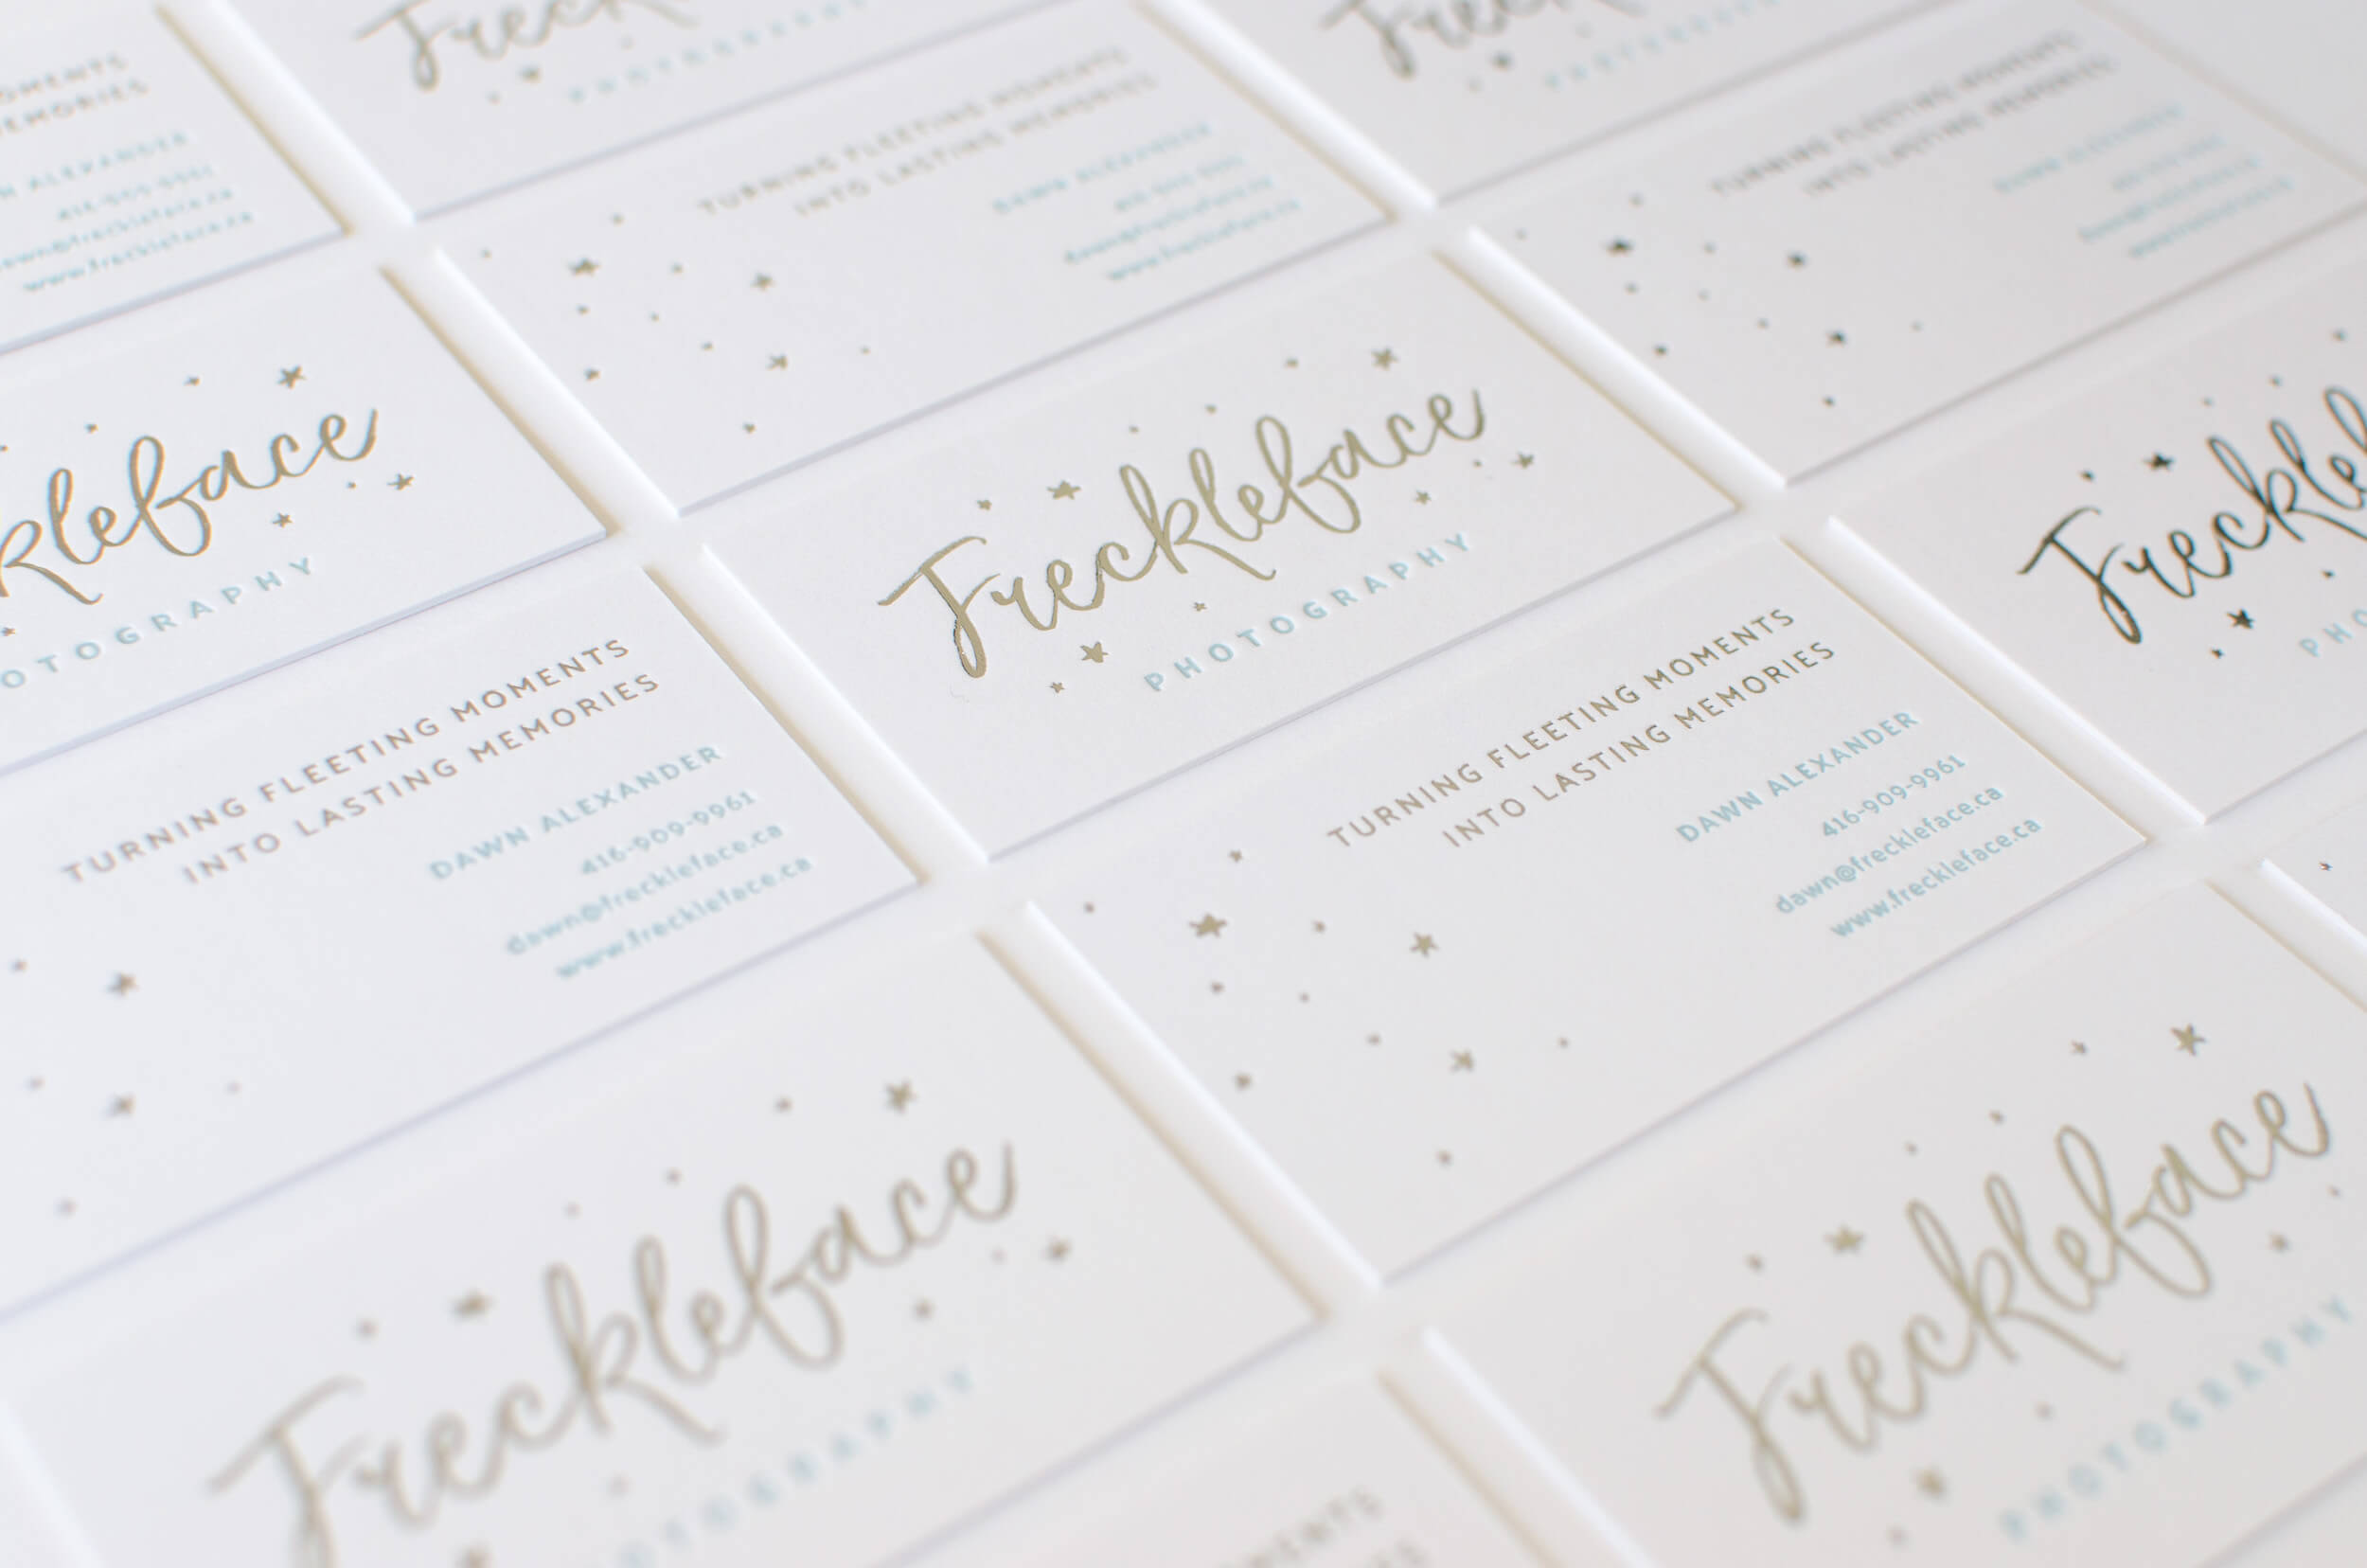 freckleface-businesscards-letterpress-foil-2.jpg